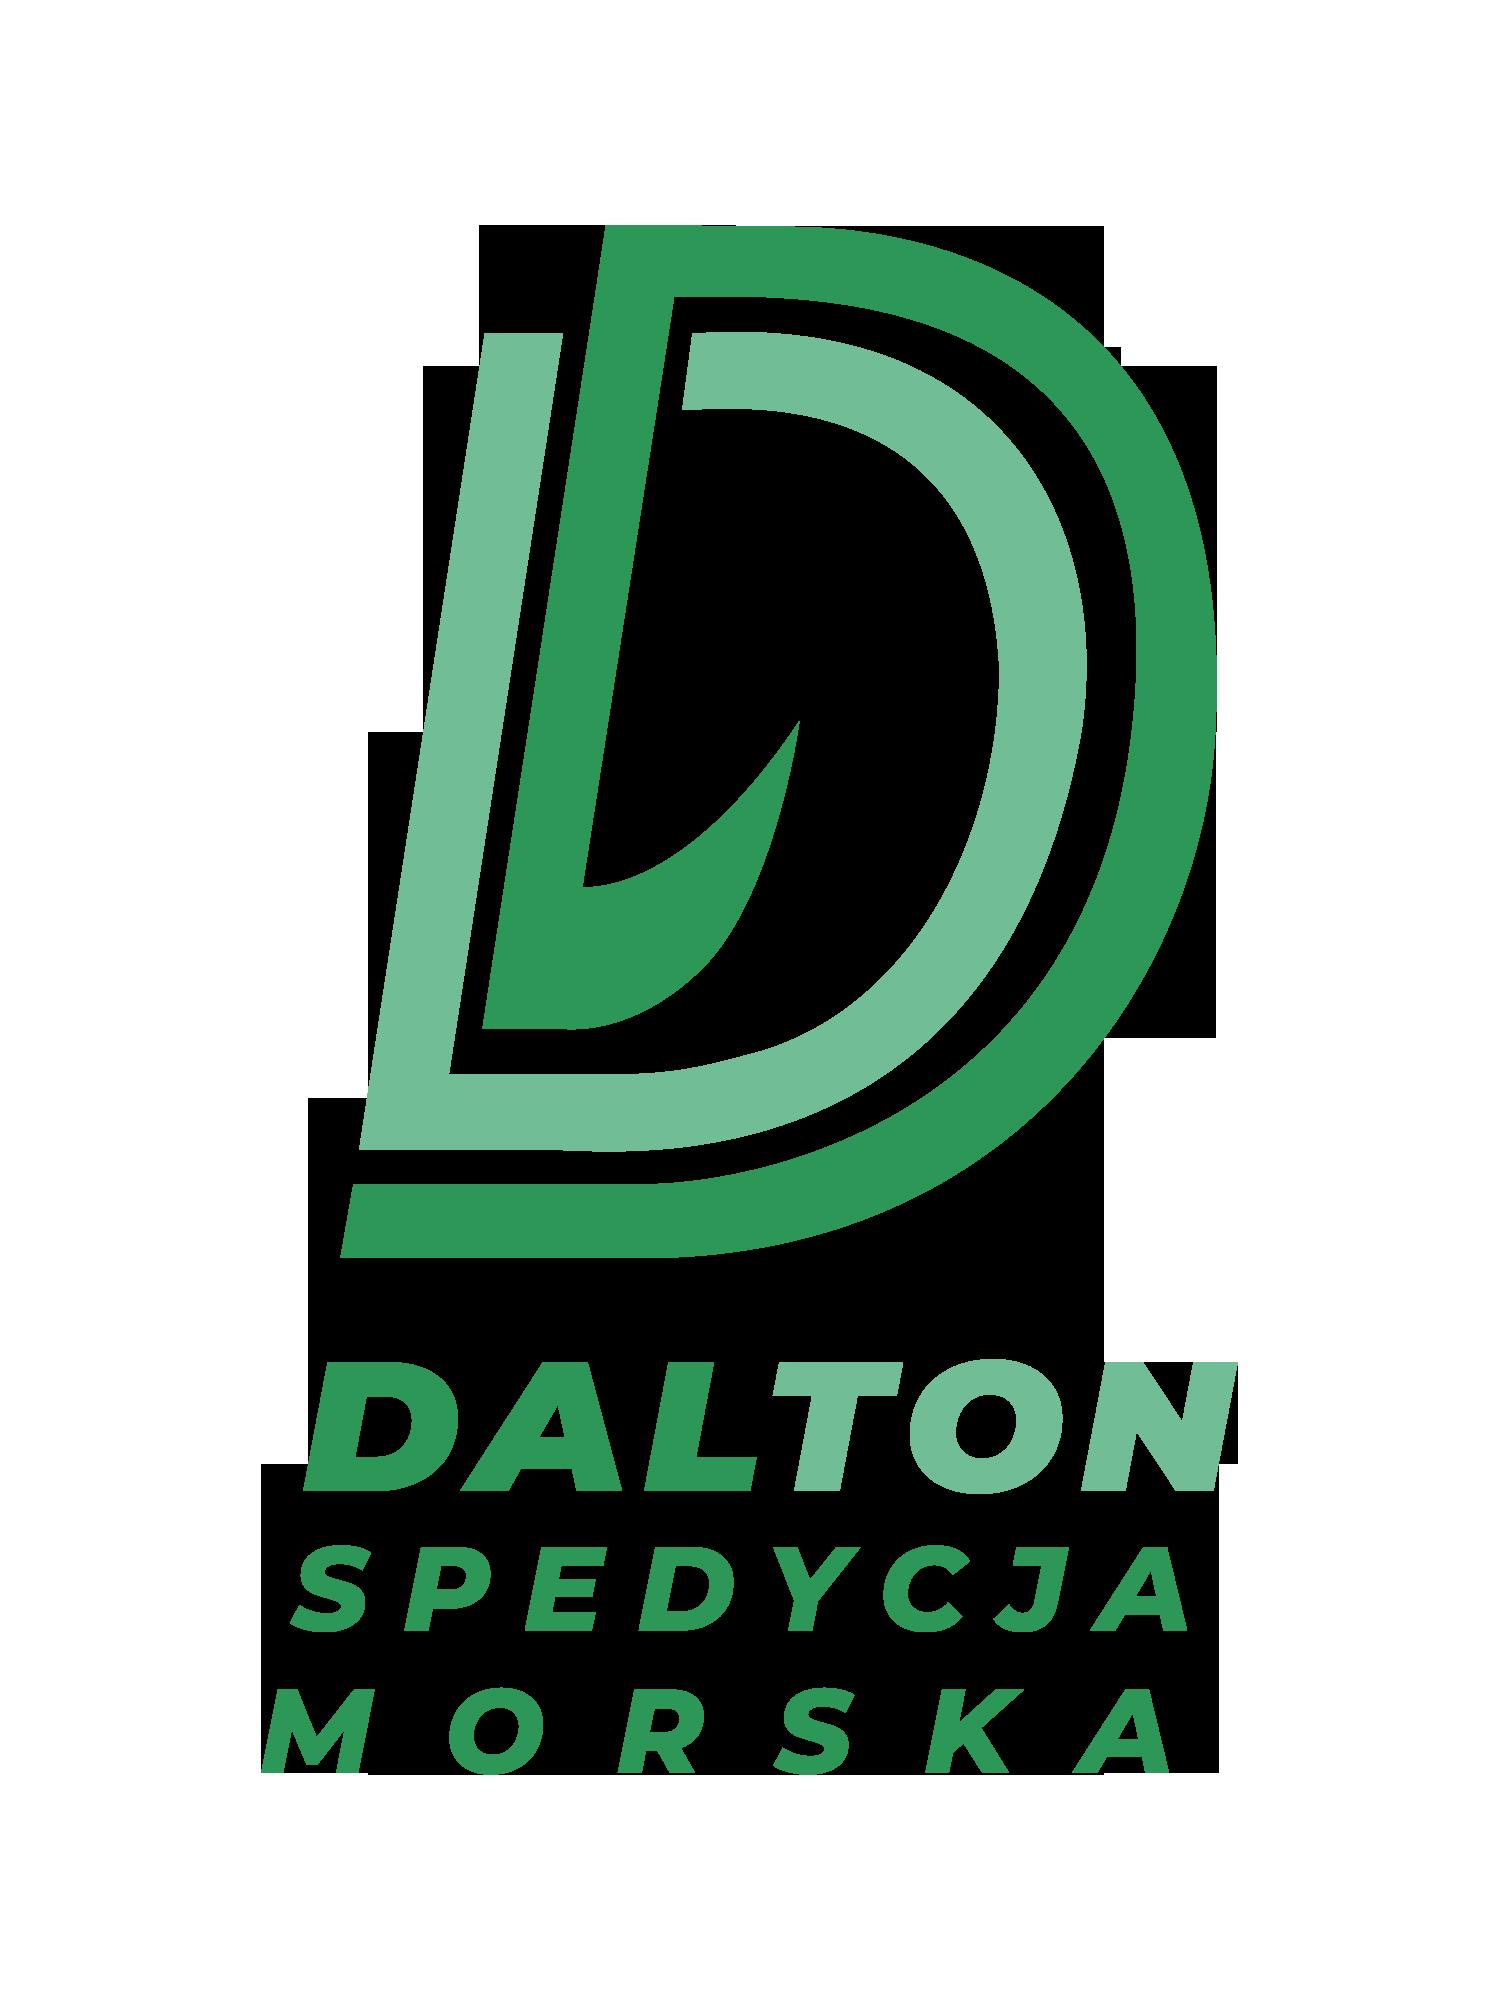 DALTON SPEDYCJA